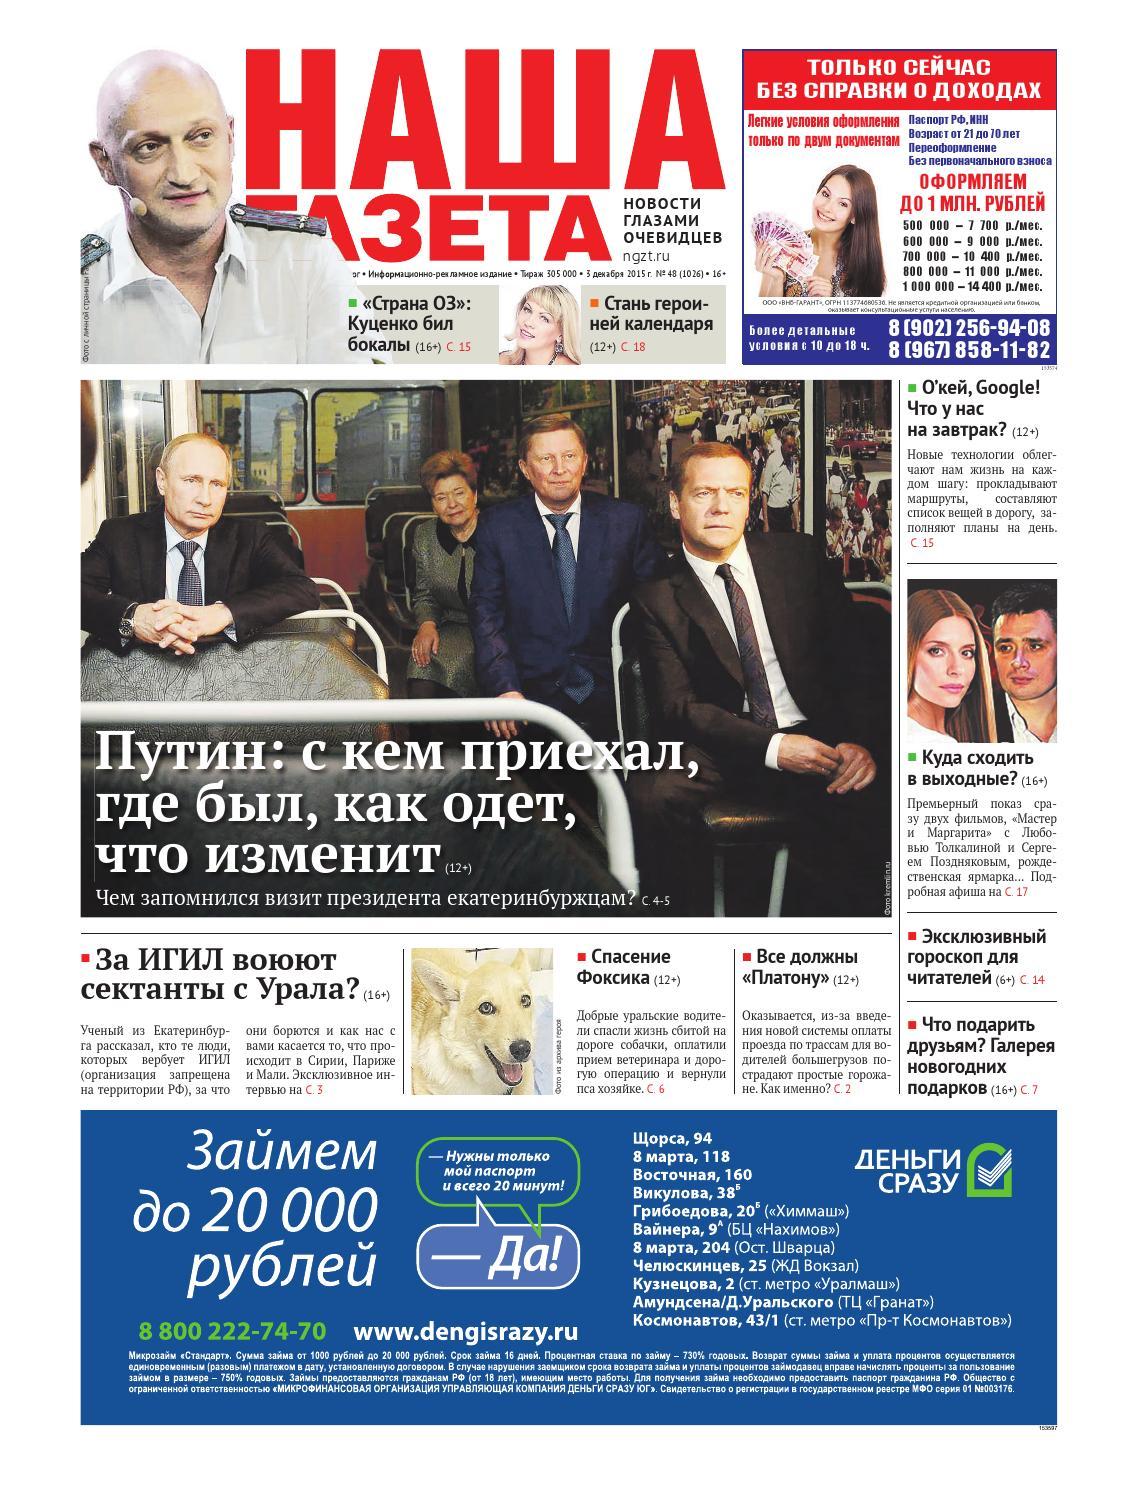 Народный гараж может подорожать до 500 000 рублей новые фото